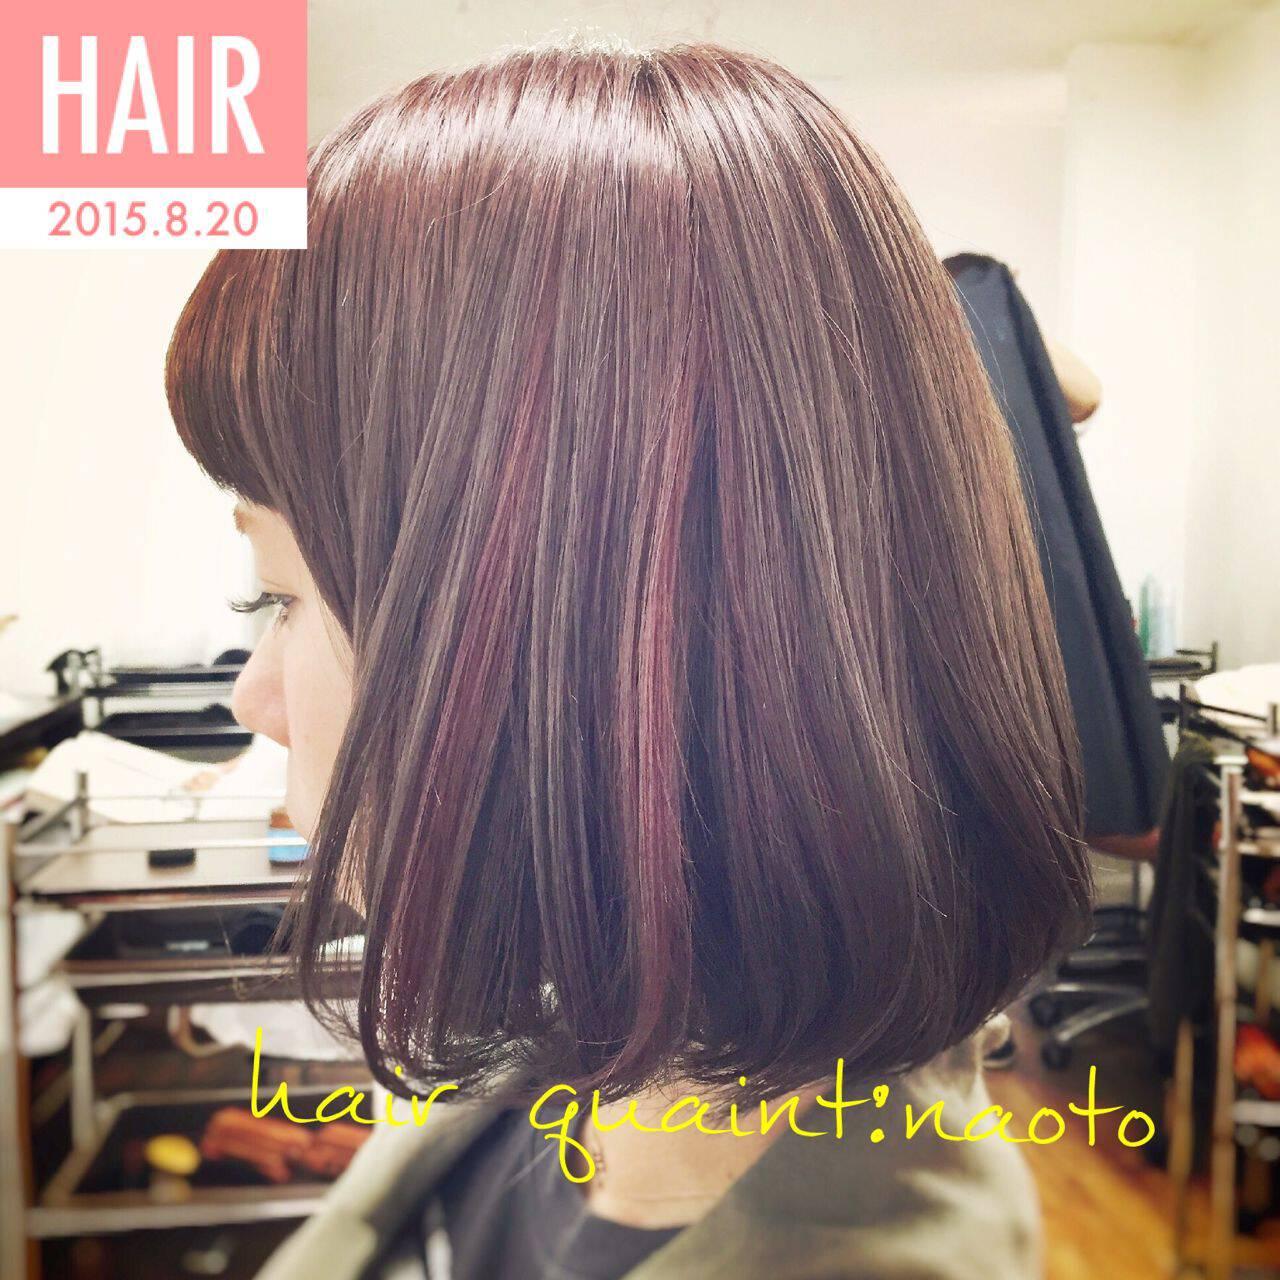 大人かわいい ダブルカラー カラーバター ボブヘアスタイルや髪型の写真・画像